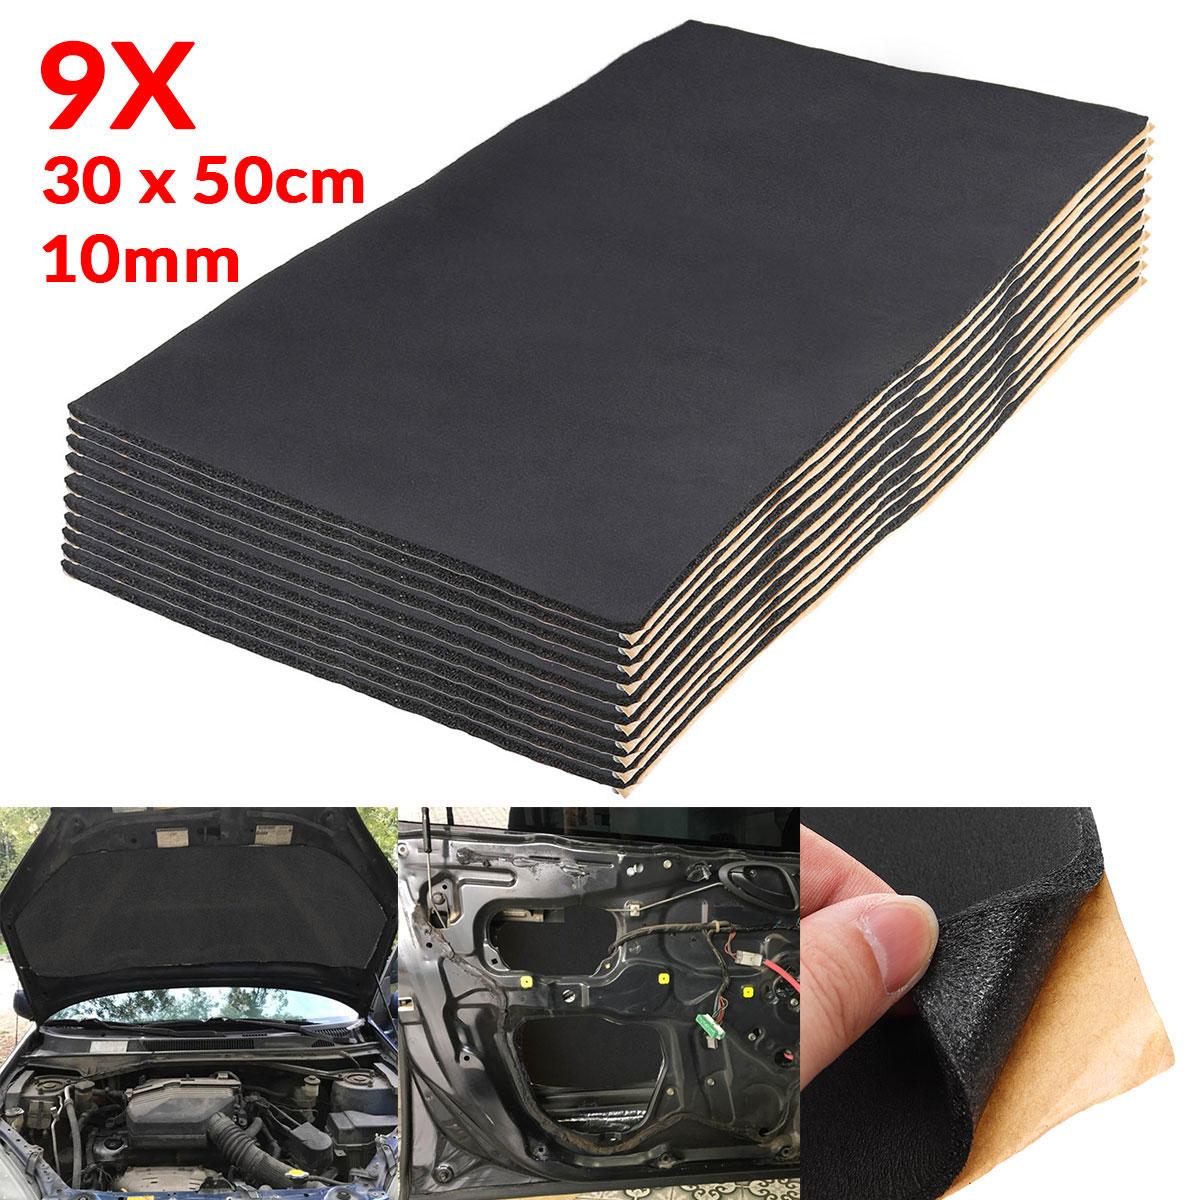 9X 1cm 0.6cm voiture son chaude Deadener Mat bruit preuve Bonnet isolation amortissement moteur pare-feu chaleur mousse coton autocollant 30x50cm